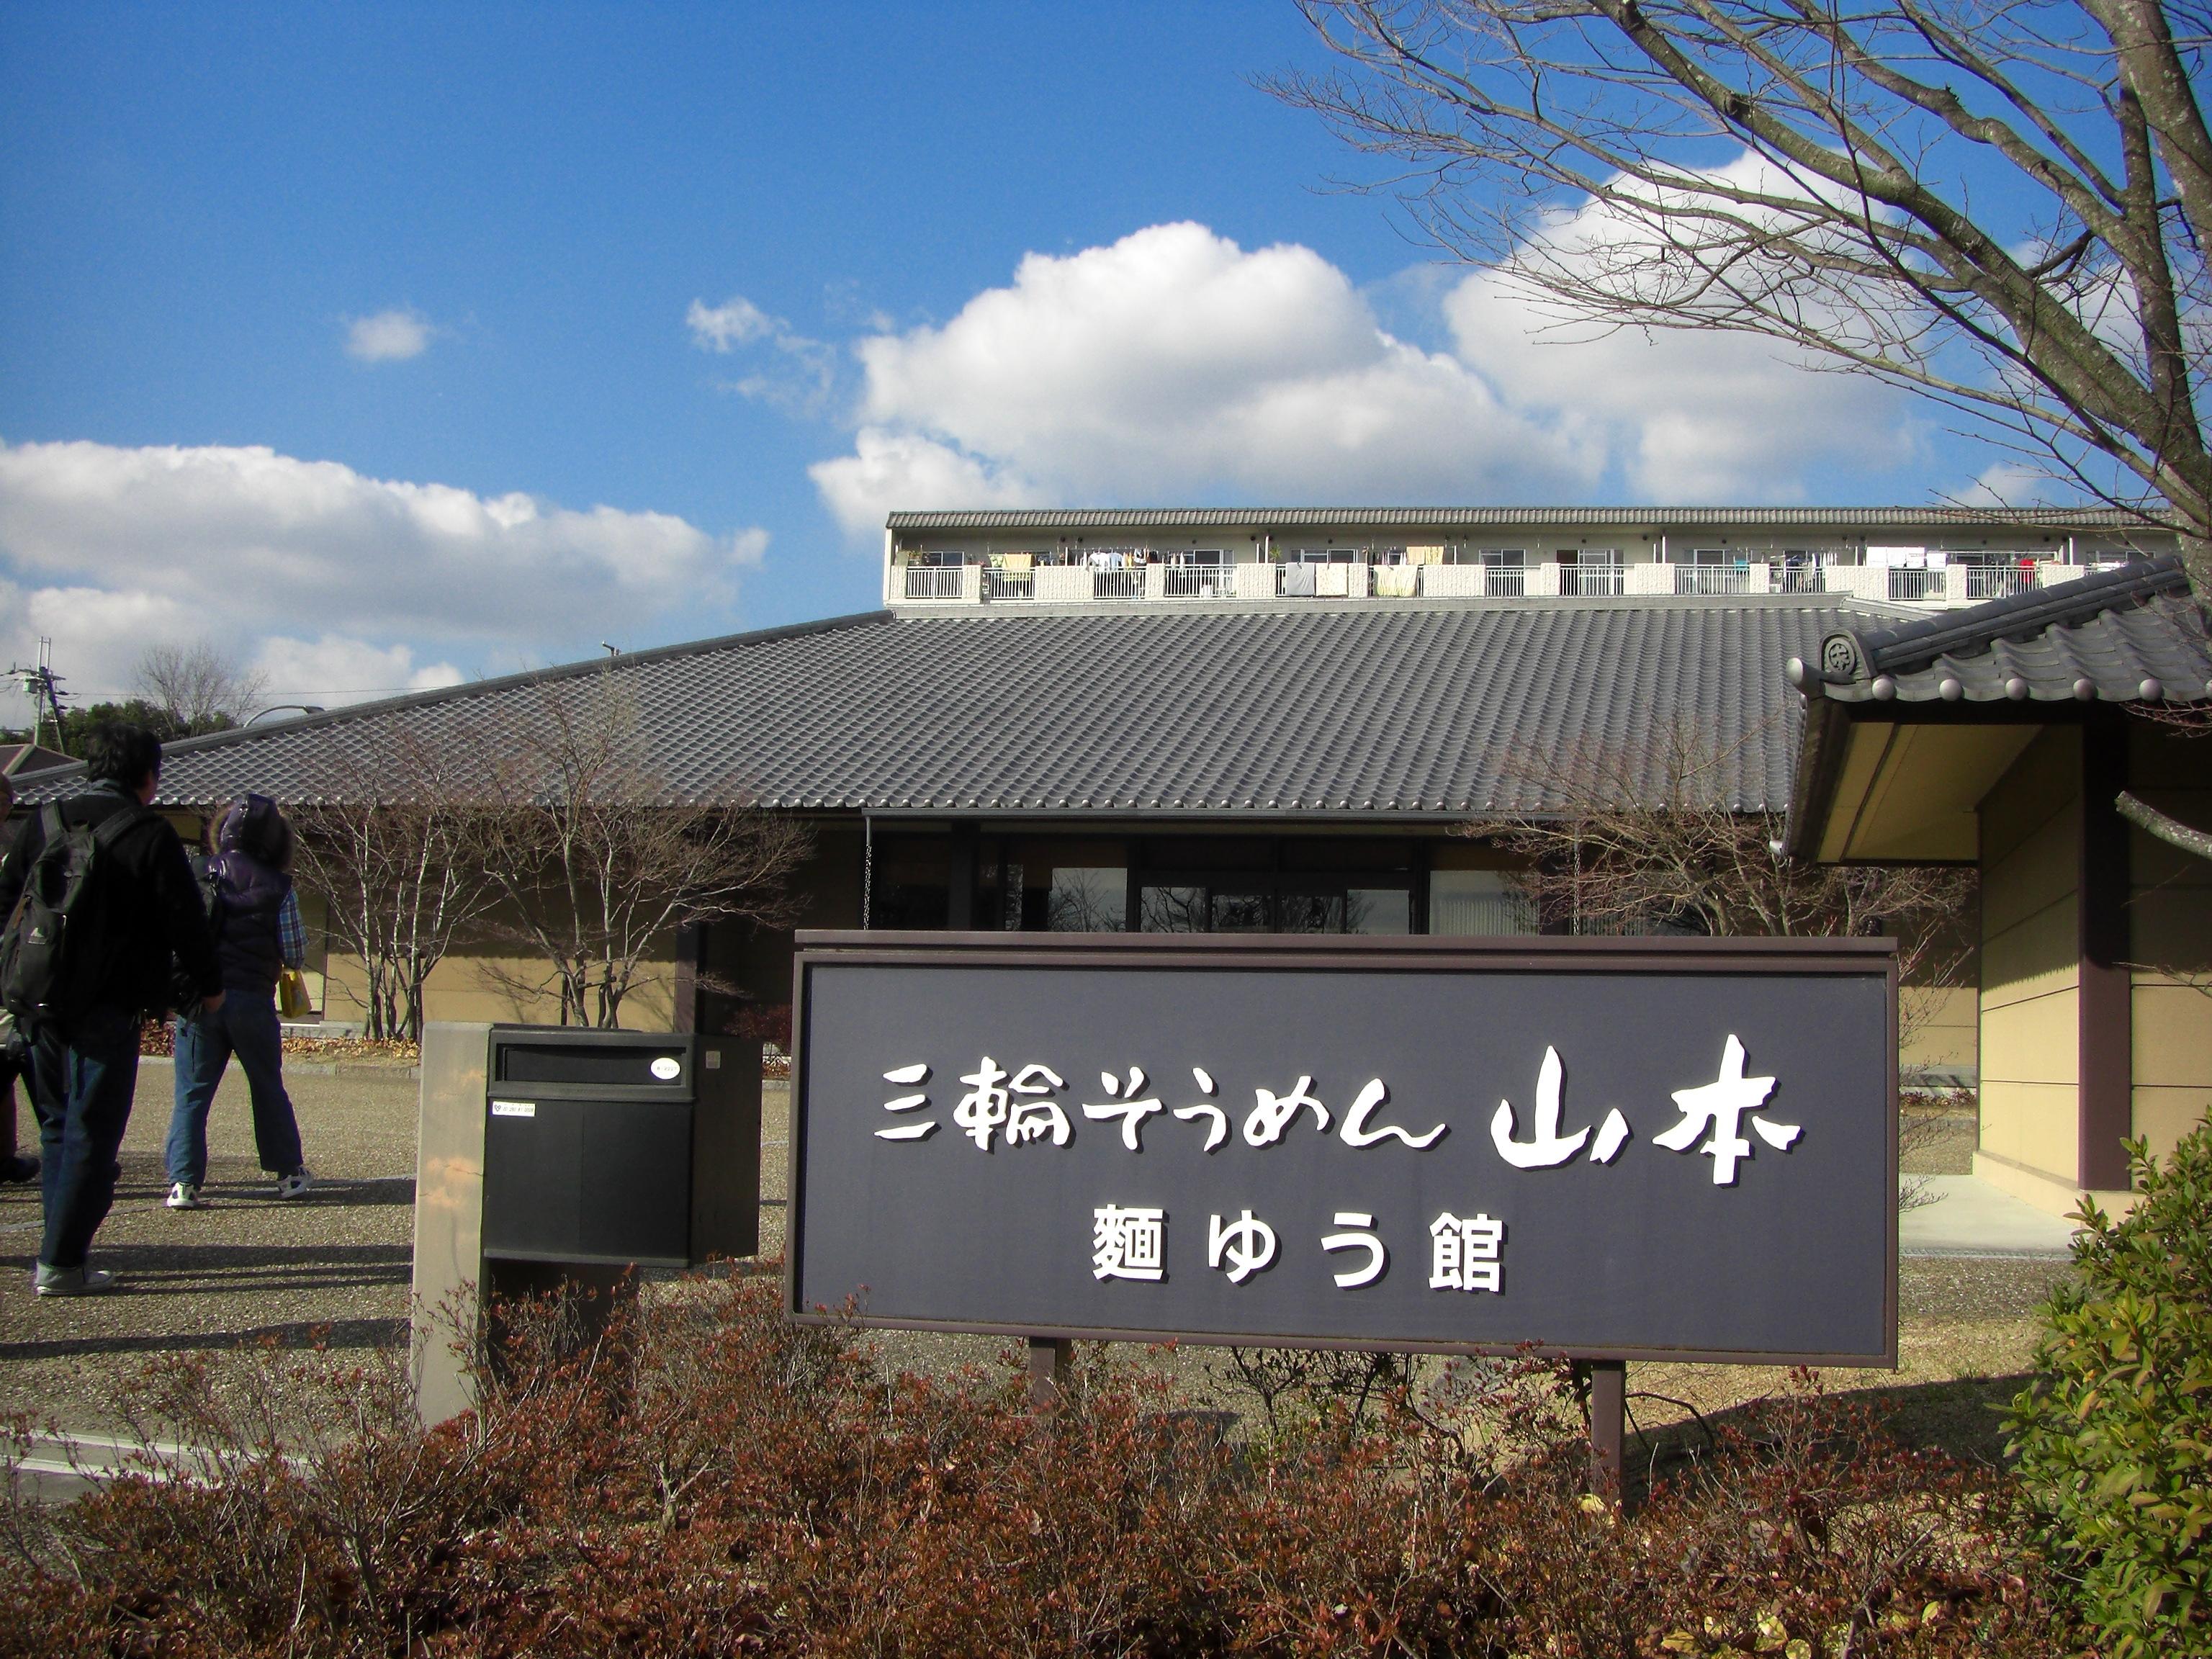 三輪素麺メーカー山本の麺ゆう館